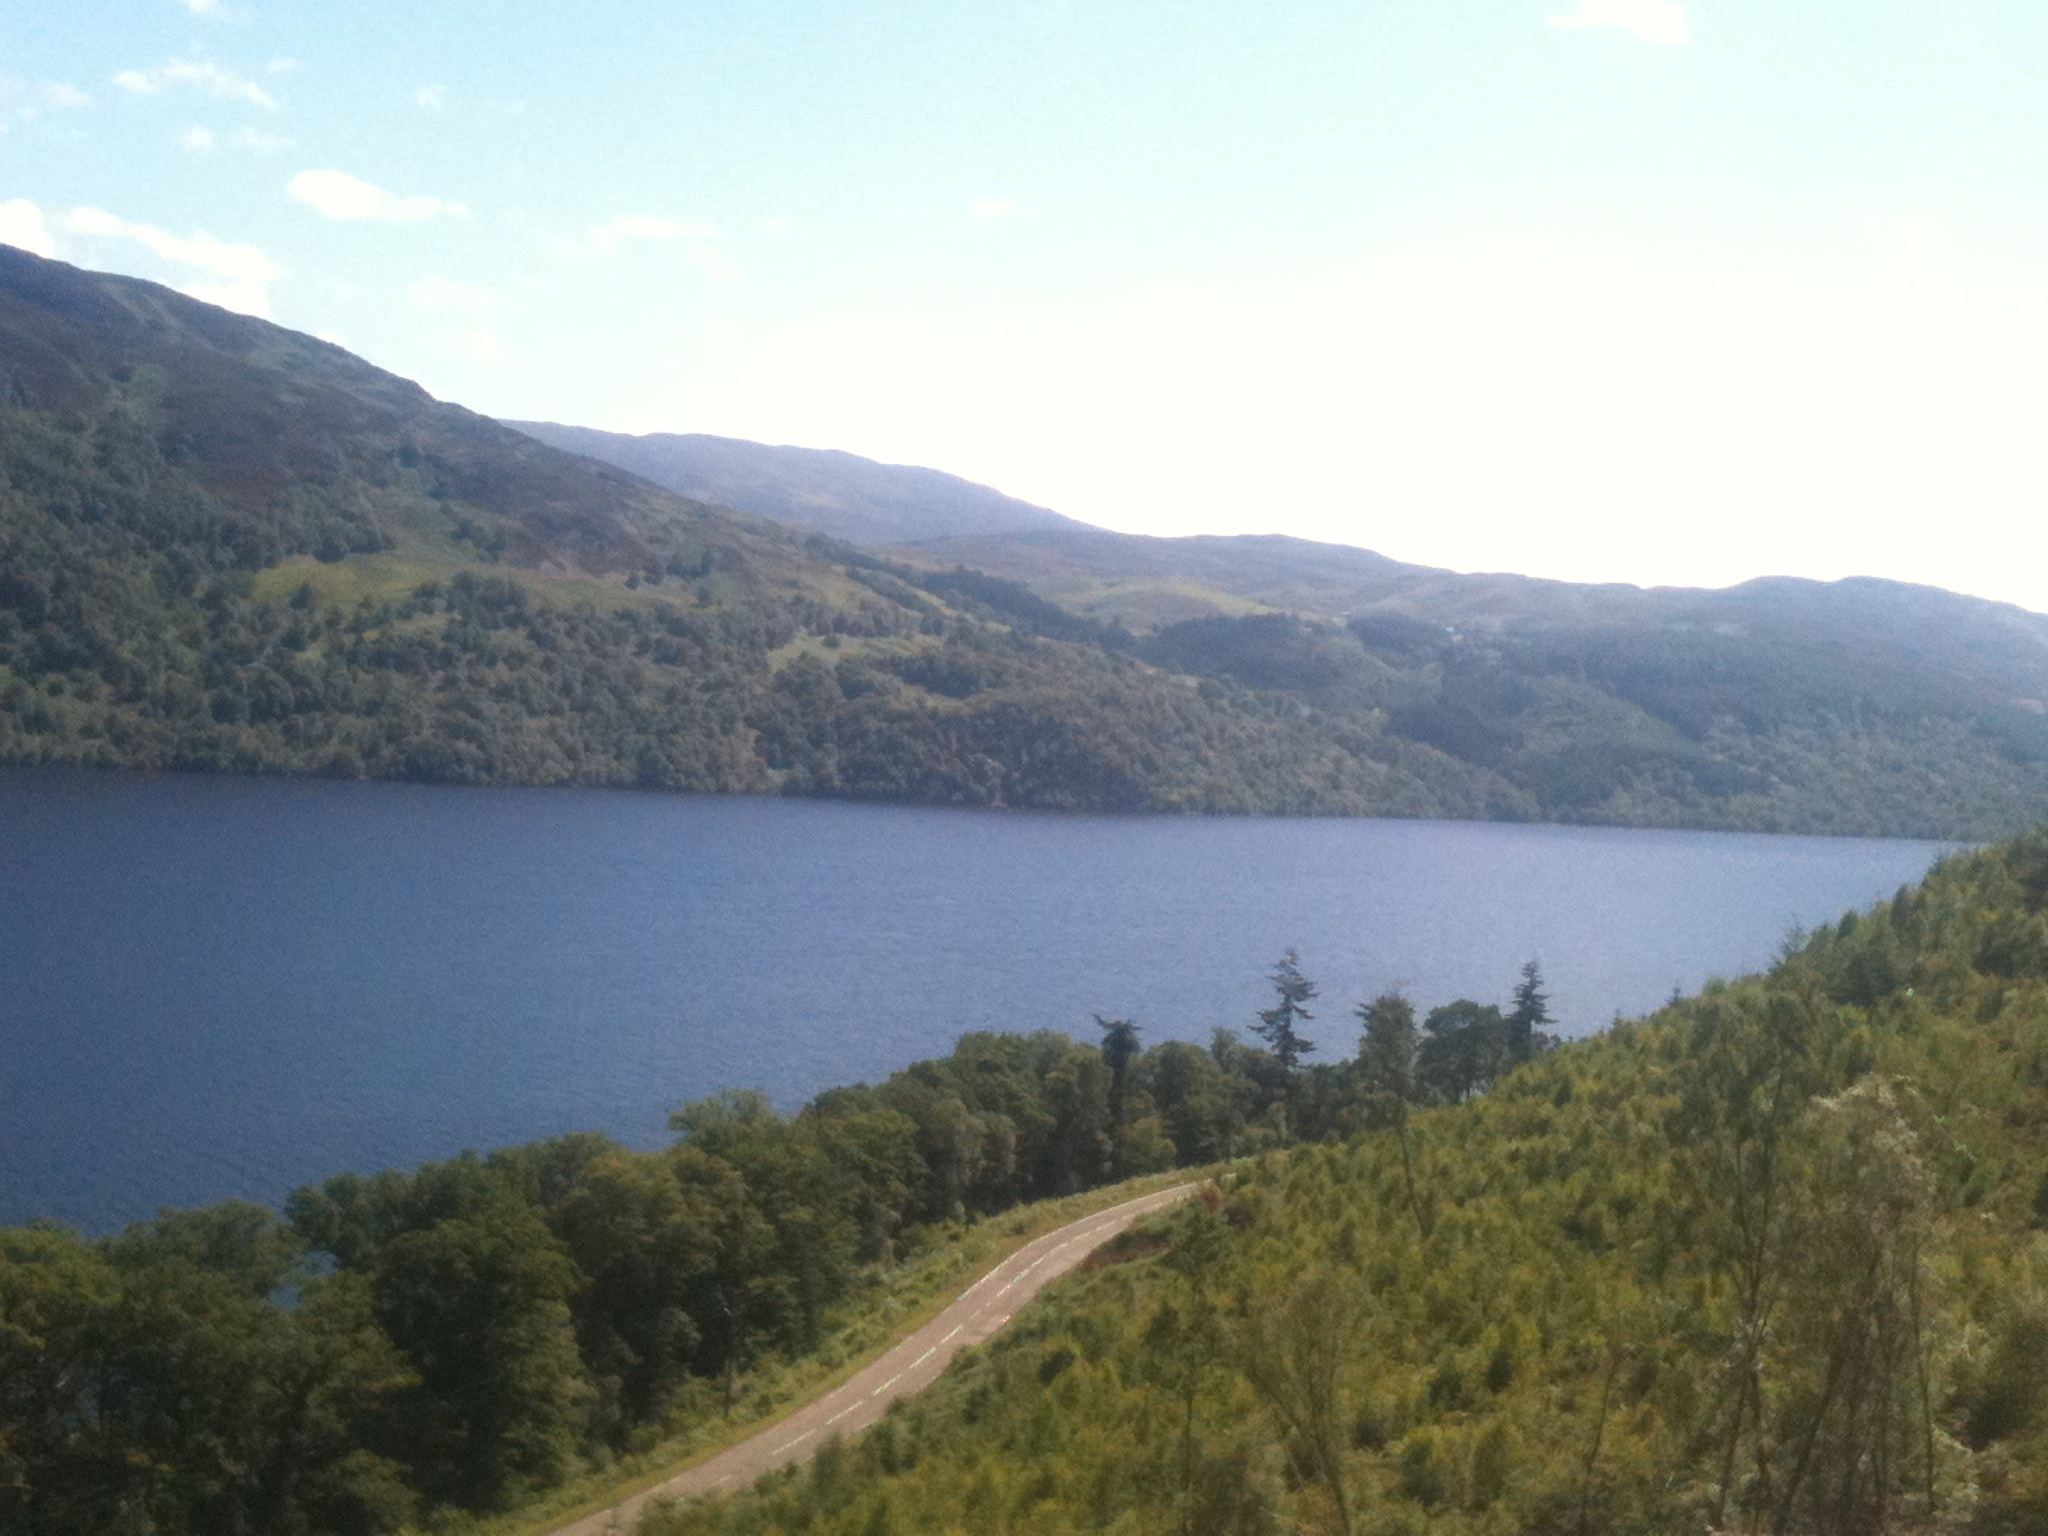 Loch Ness at last